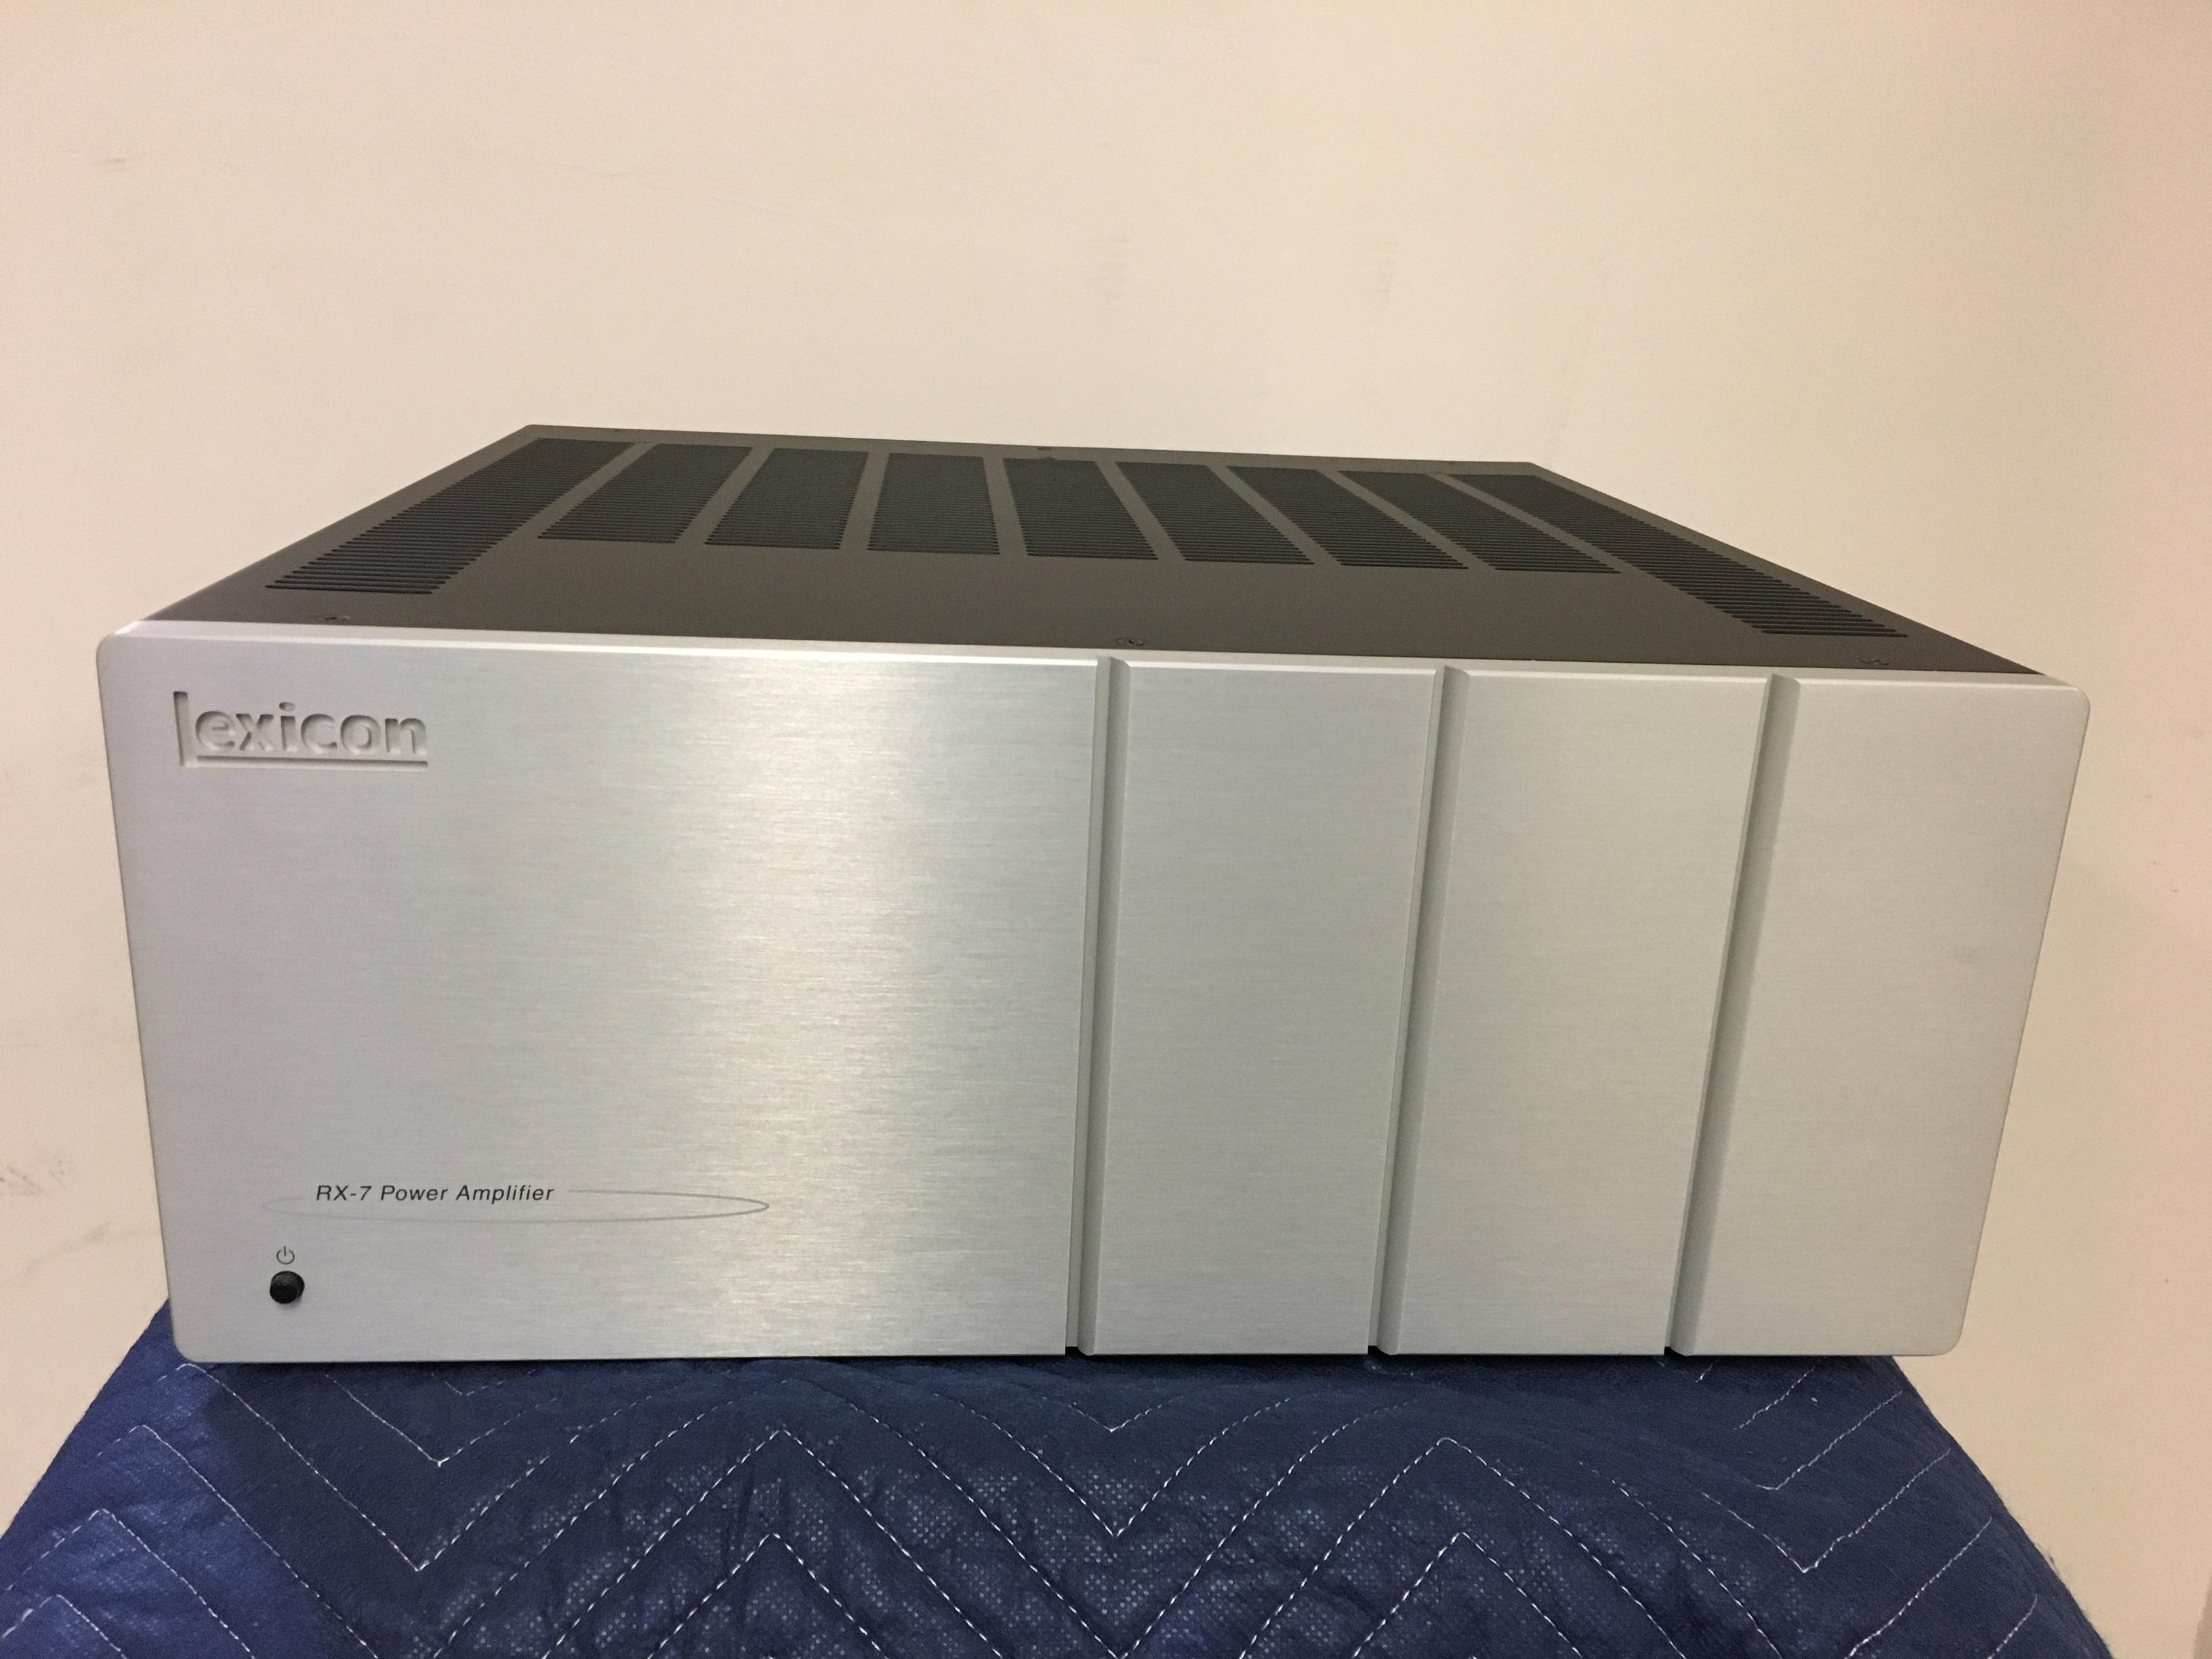 Lexicon RX-7 power amplifier